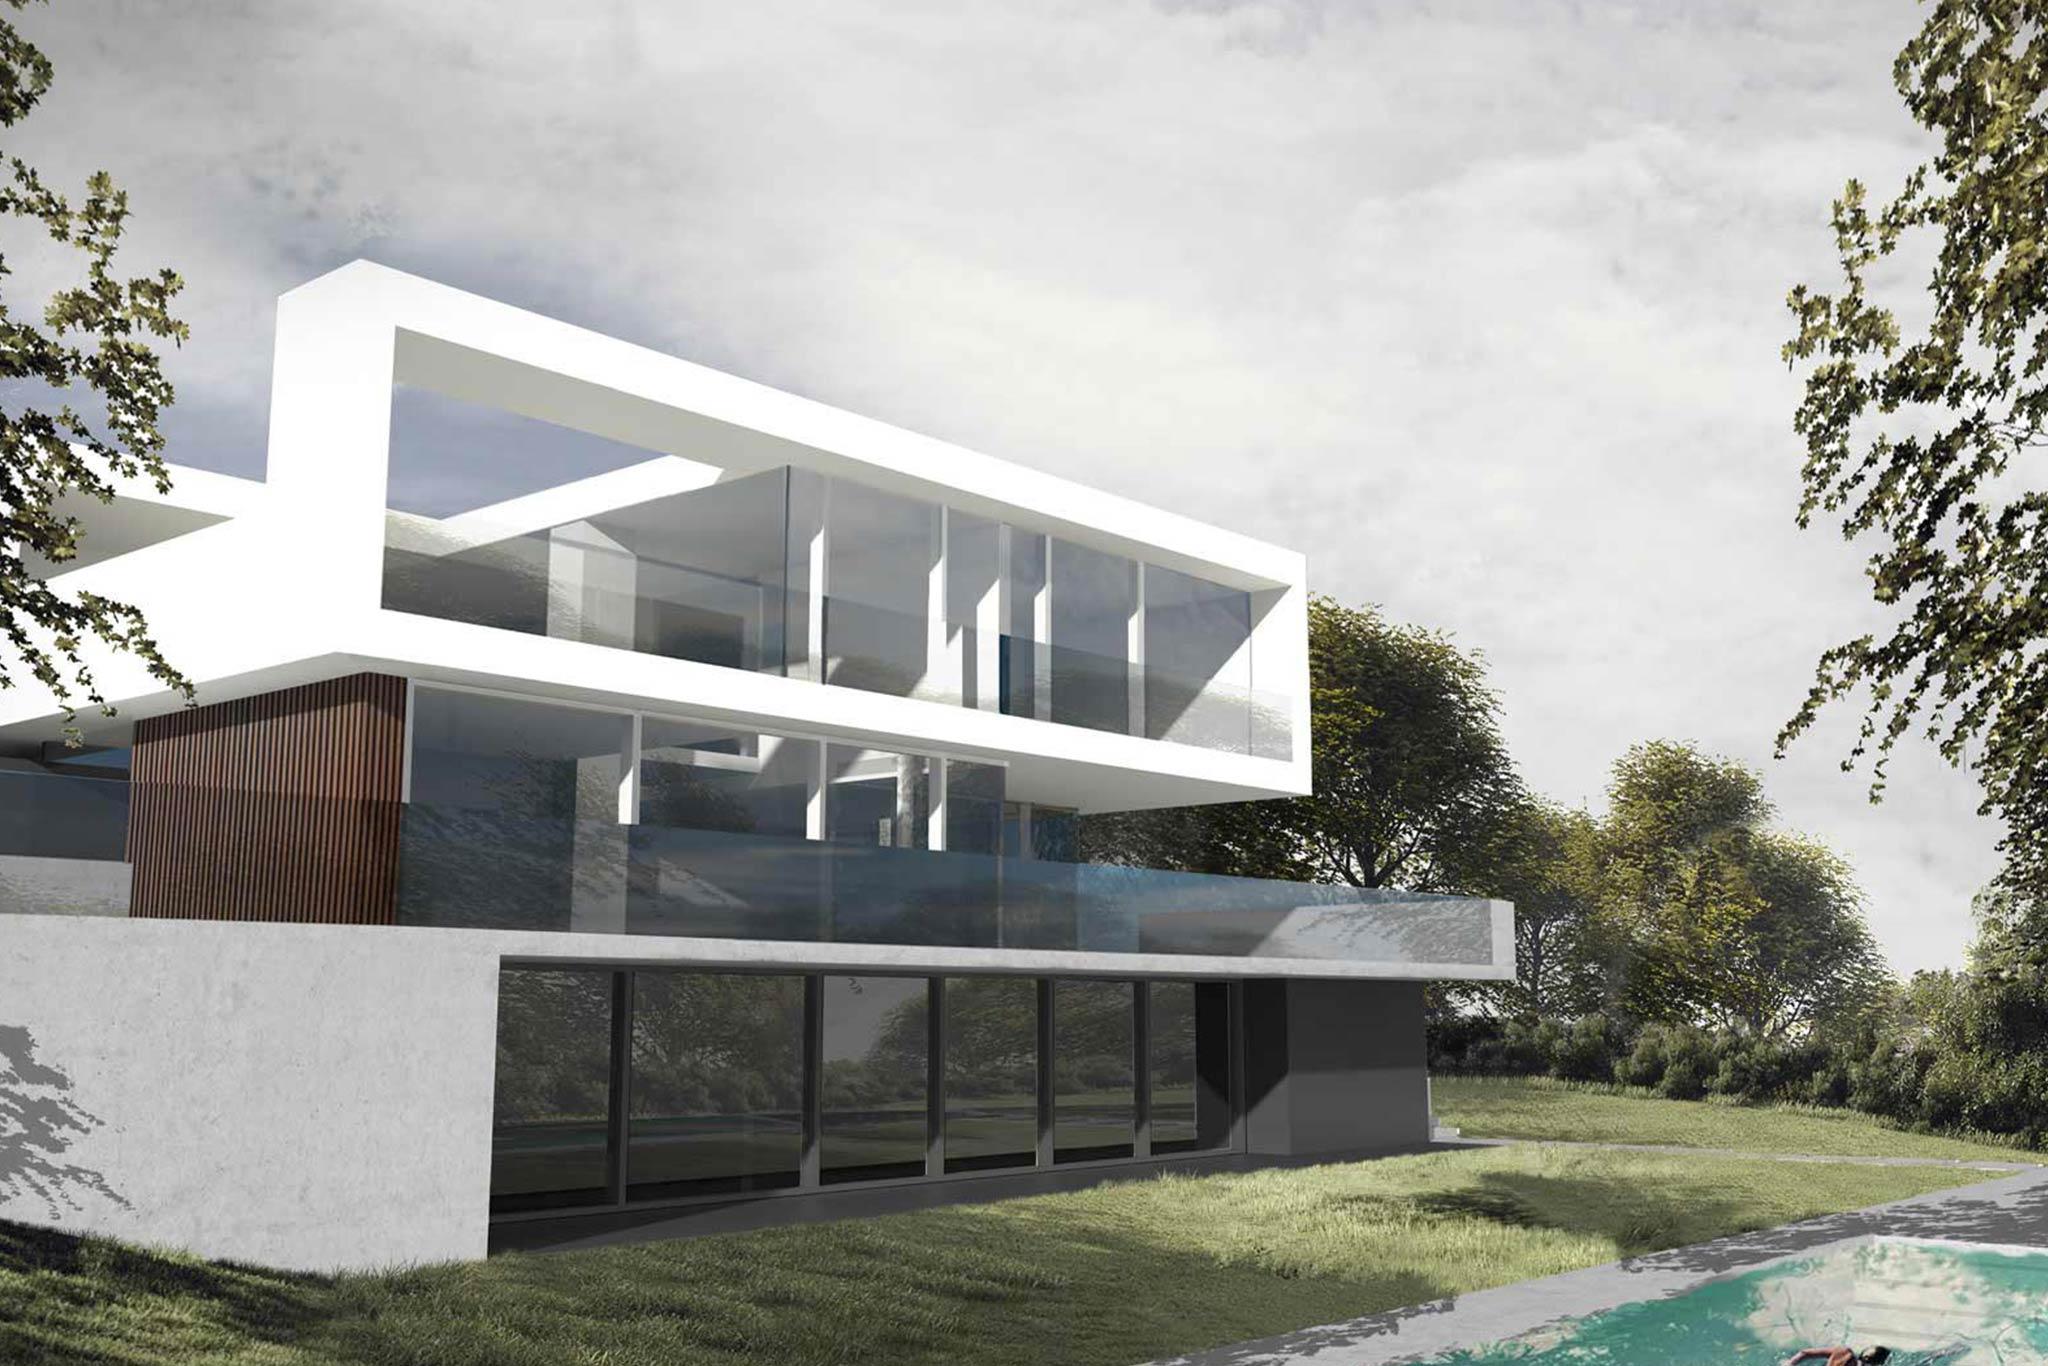 https://aguila-gmbh.de/wp-content/uploads/2019/02/Green-Home.jpg